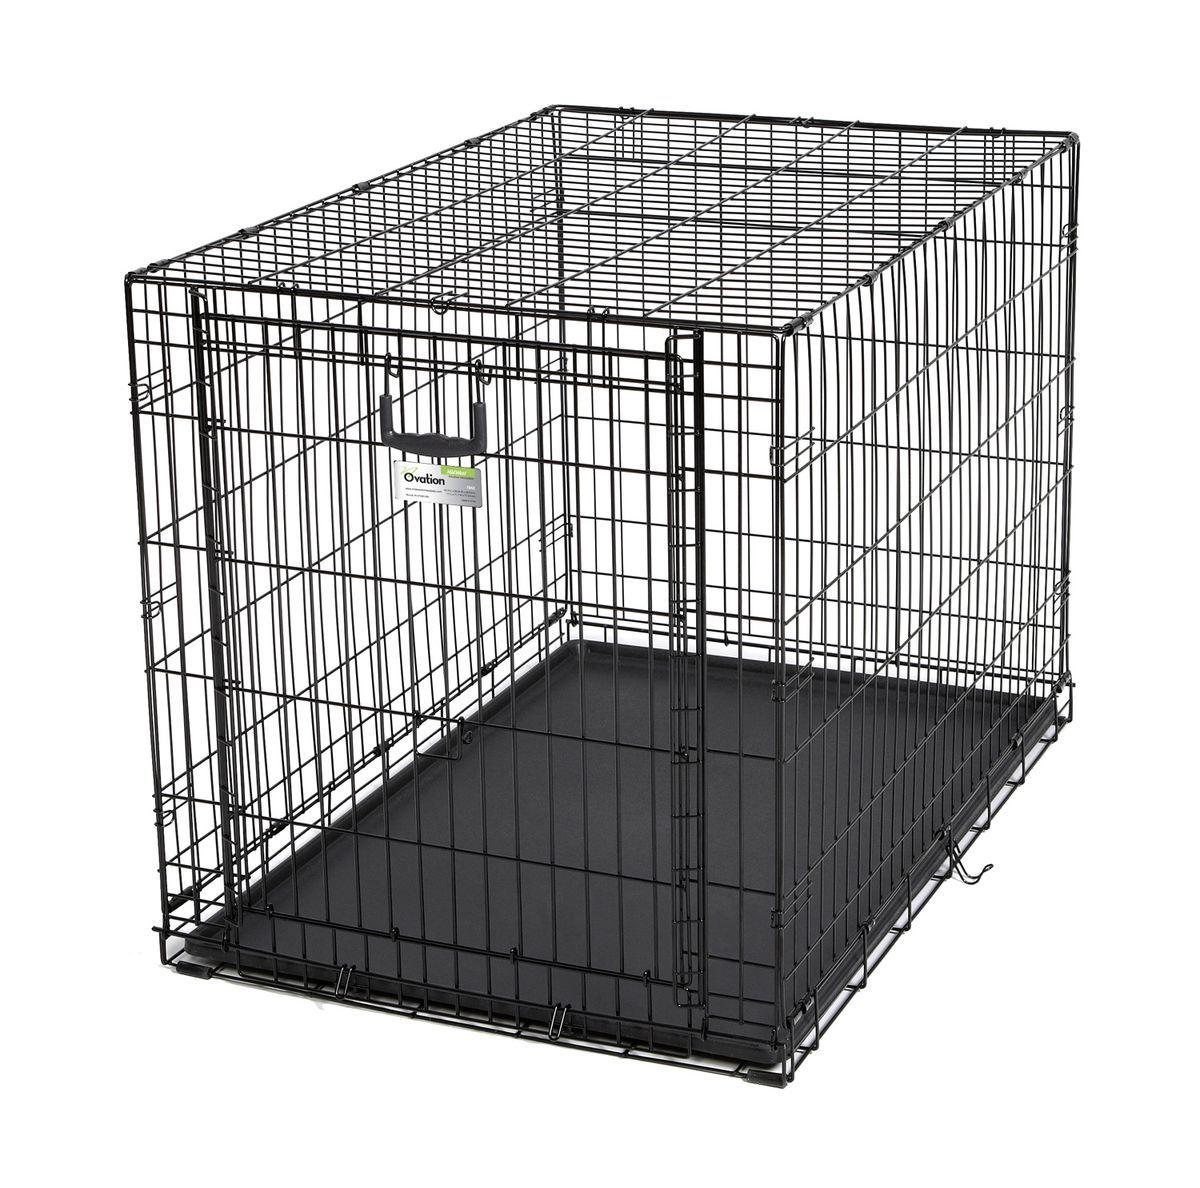 Клетка Midwest Ovation, 1 дверь рельсовая, 111 x 71,7 x 76,8 см06003Клетка Midwest Ovation разработана специально для транспортировки средних и крупных собак. Закругленная угловая защита обеспечивает безопасность питомцам и людям. Клетка из нержавеющей стали оснащена: - одной рельсовой дверкой (открывается вверх); - безопасным двойным замком (задвижка закрывает и снаружи и внутри); - прочным пластиковым поддоном, который не повреждает поверхность, на которой размещается; - разделяющей панелью, обеспечивающей создание универсальных отсеков; - качественными ручками для переноски питомца.Размер клетки (ДхШхВ): 111 x 71,7 x 76,8 см. Вес конструкции: 15,8 кг.Товар сертифицирован.